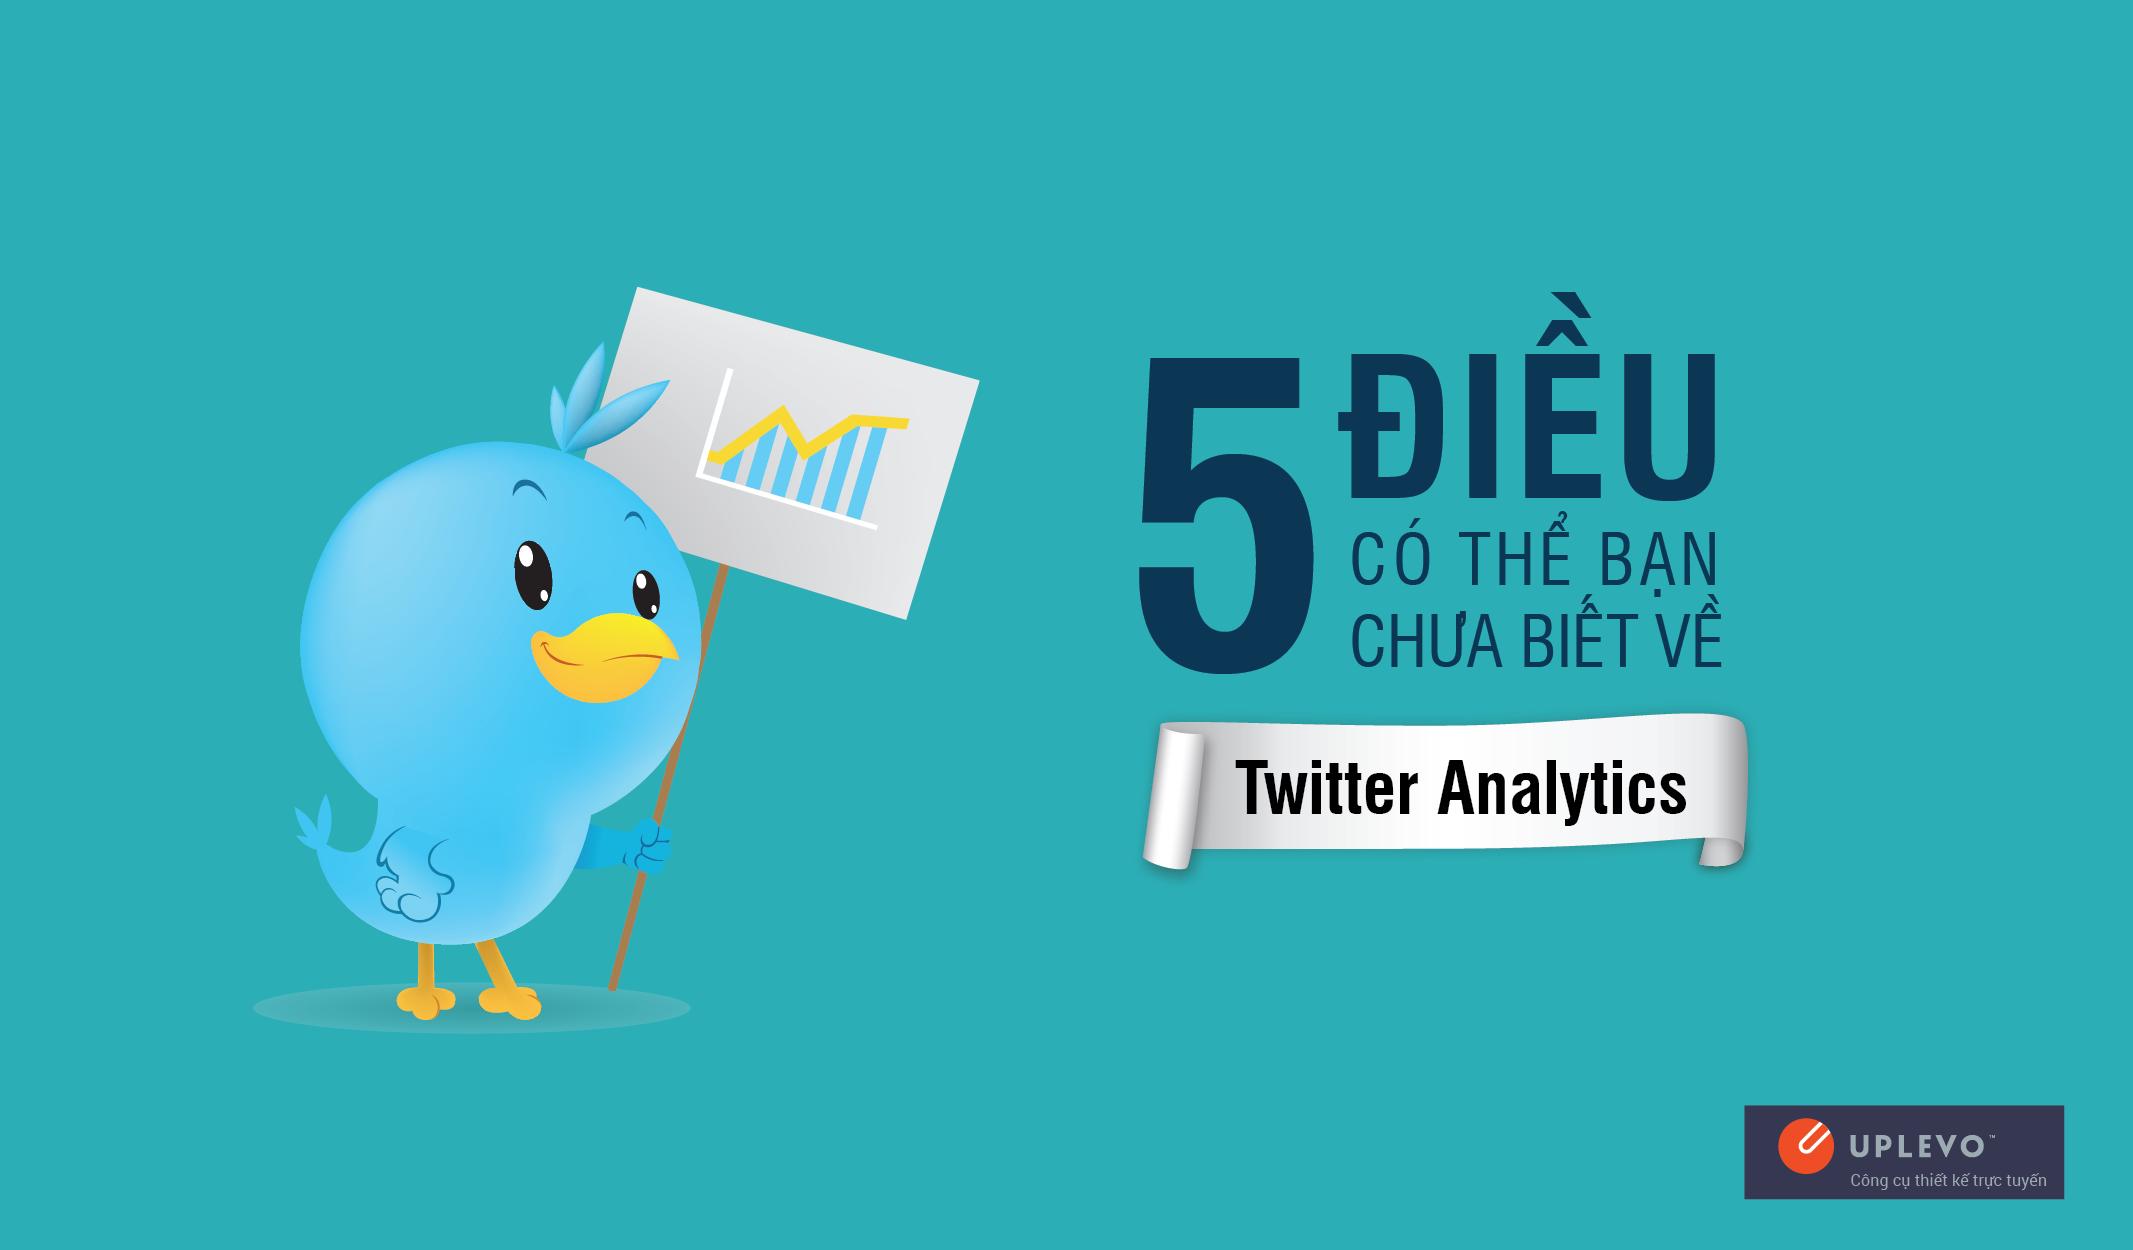 5 Điều Có Thể Bạn Chưa Biết Về Twitter Analytics